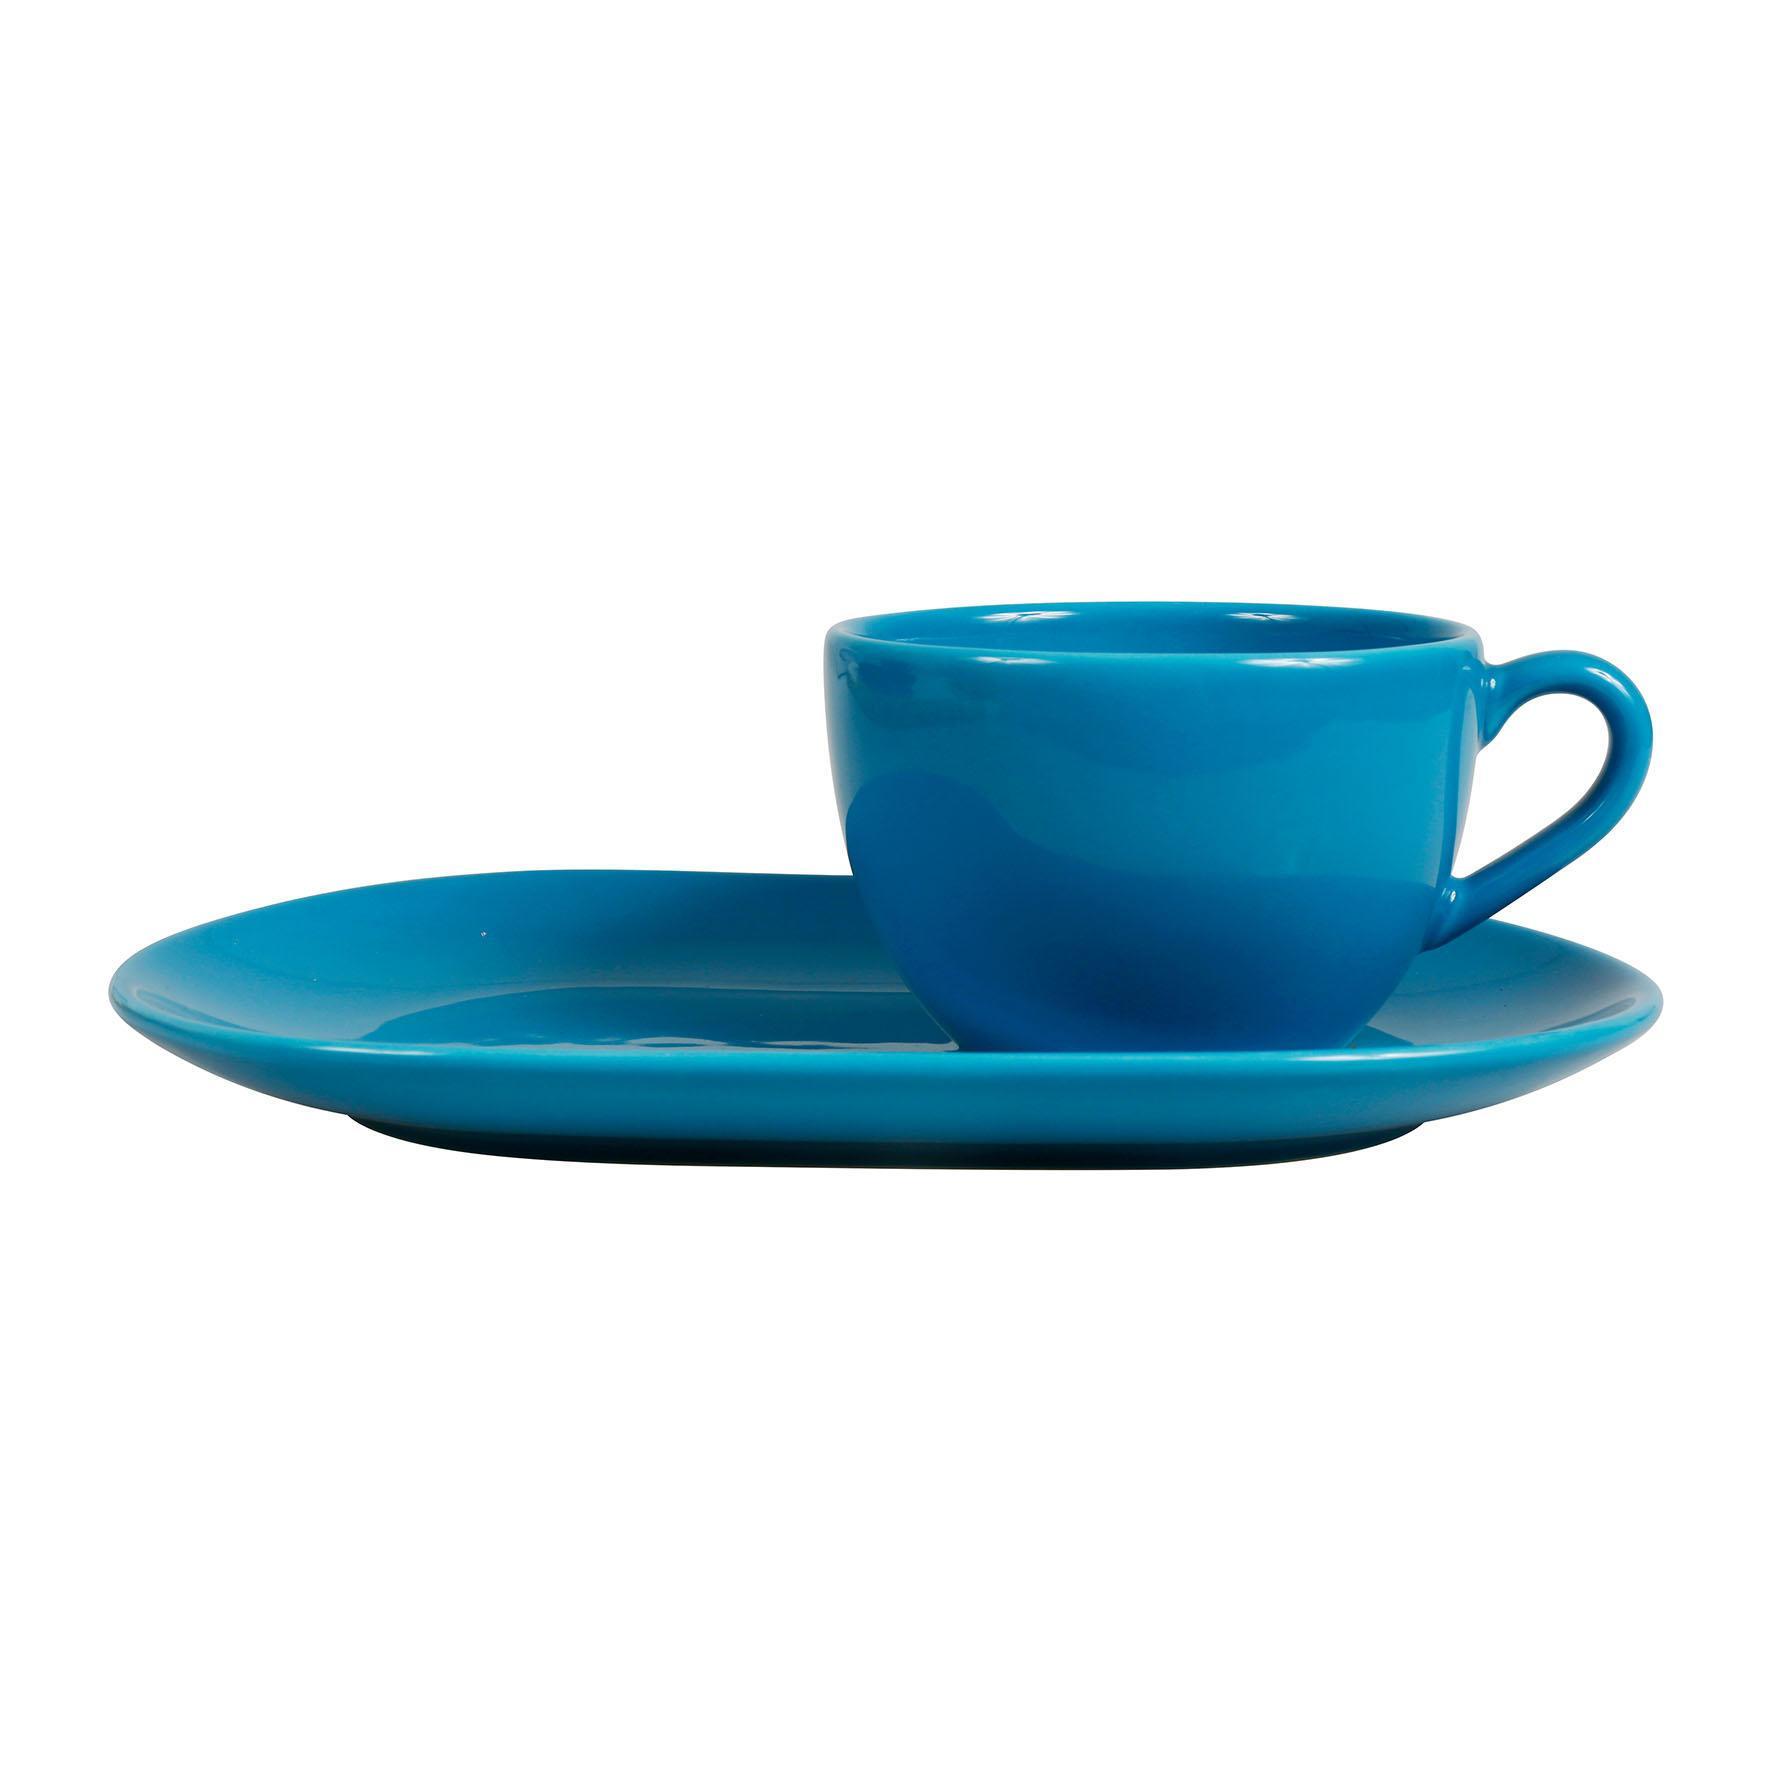 CÔTÉ TABLE Velký šálek s podlouhlým podšálkem Genevieve Lethu, modrá barva, keramika